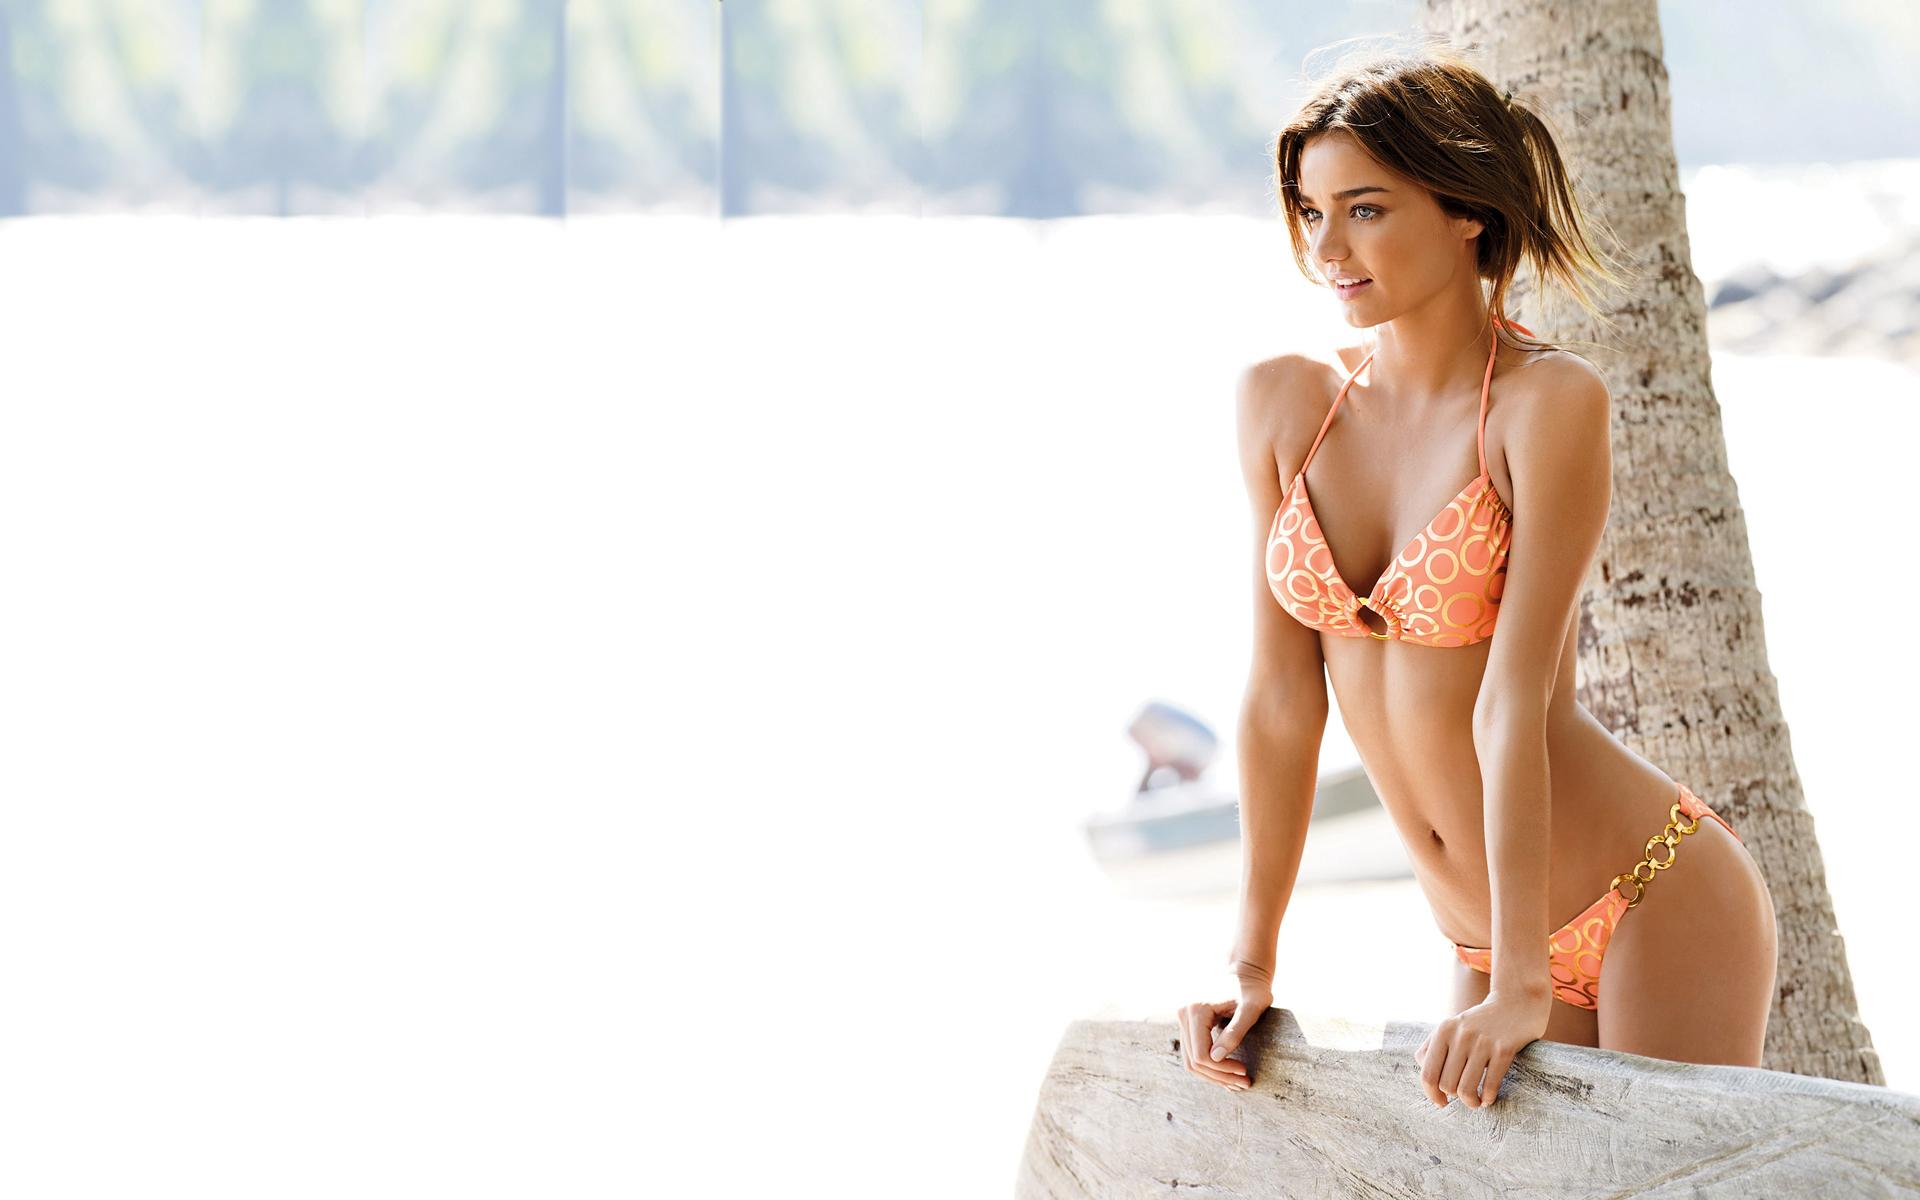 Trabajo de modelos en cancun